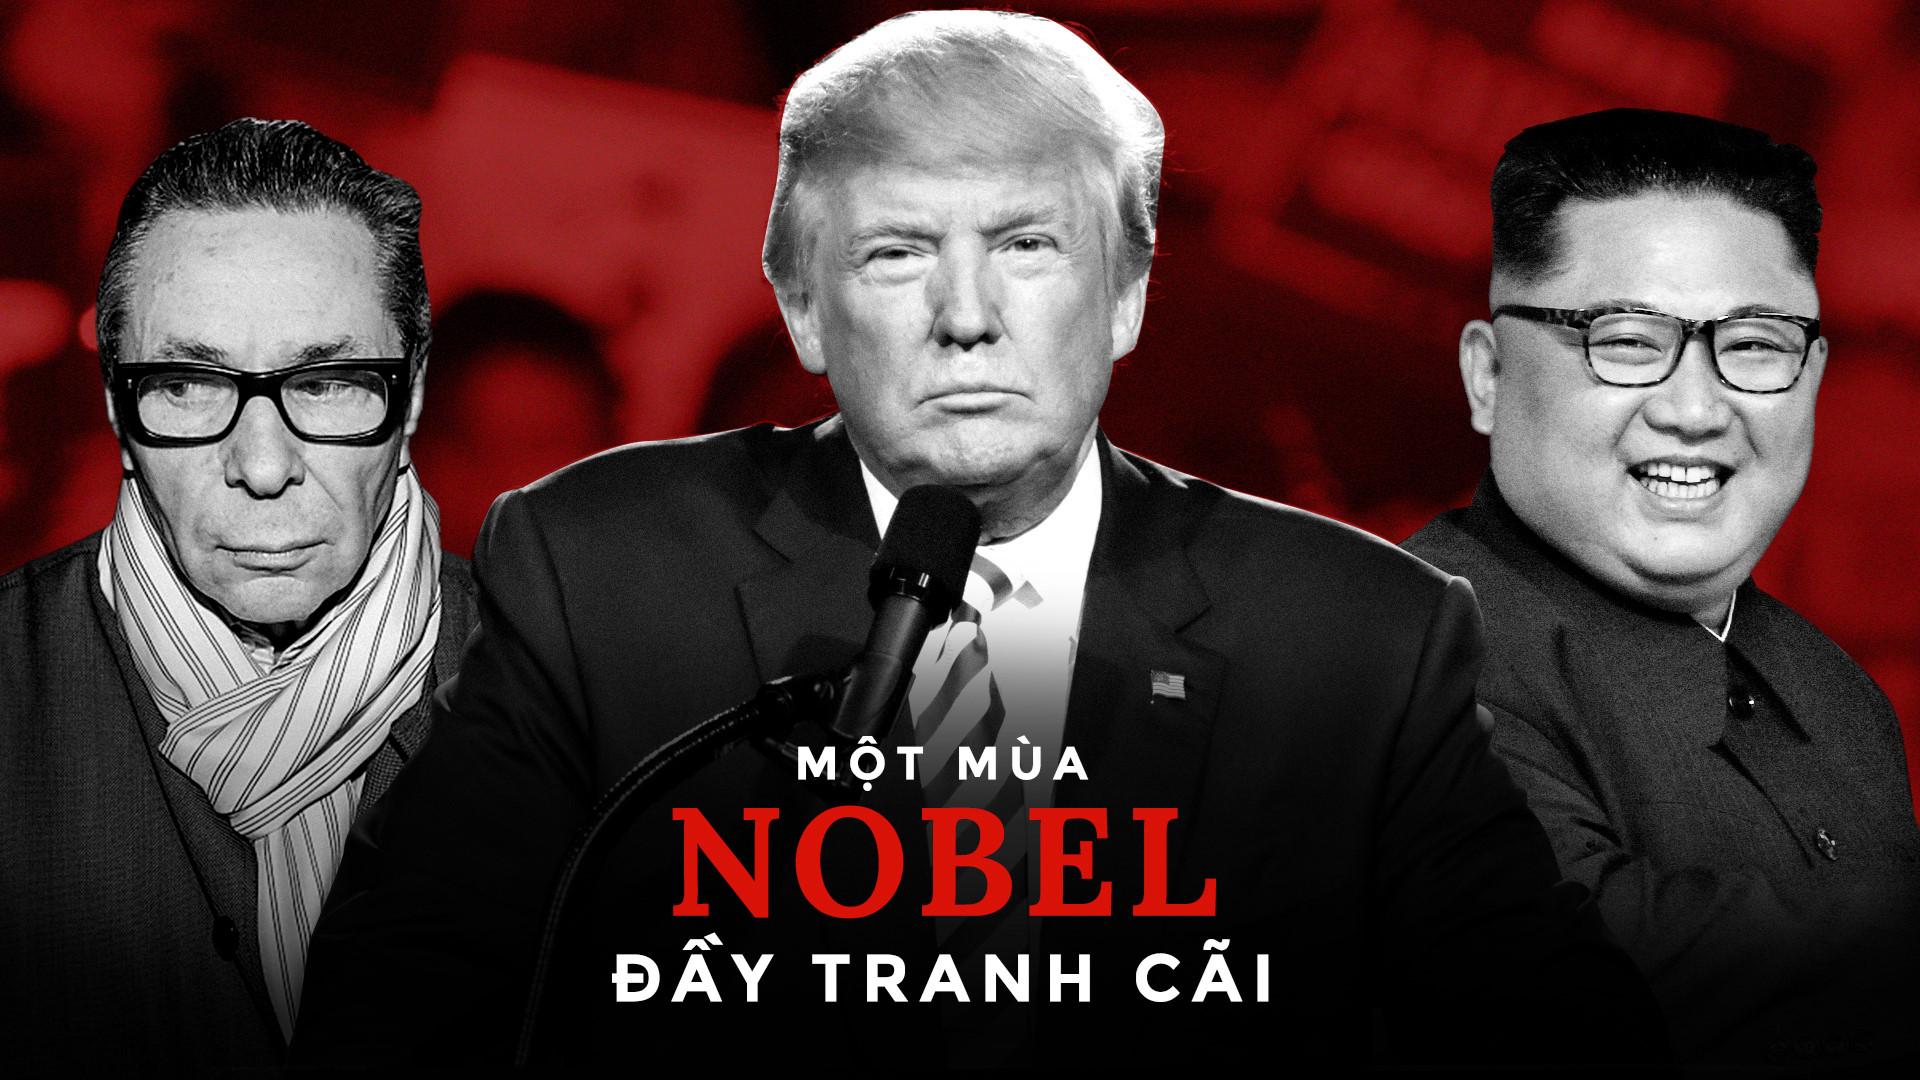 Mùa Nobel tranh cãi - Hủy giải văn học, TT Trump nhận Nobel Hòa bình? Ảnh 2